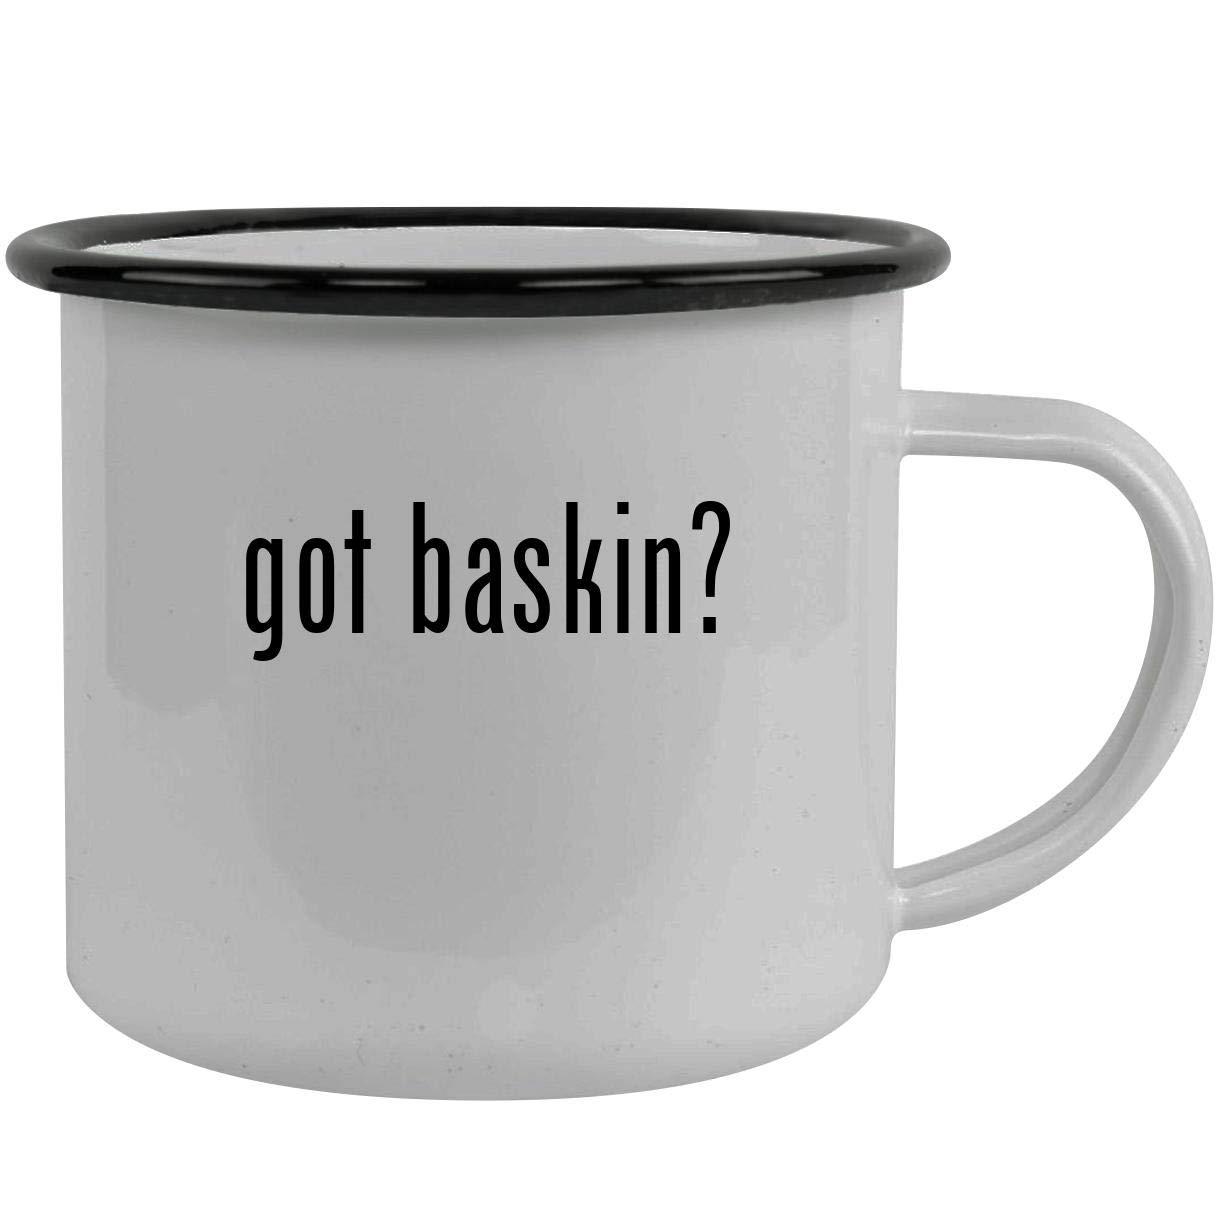 got baskin? - Stainless Steel 12oz Camping Mug, Black